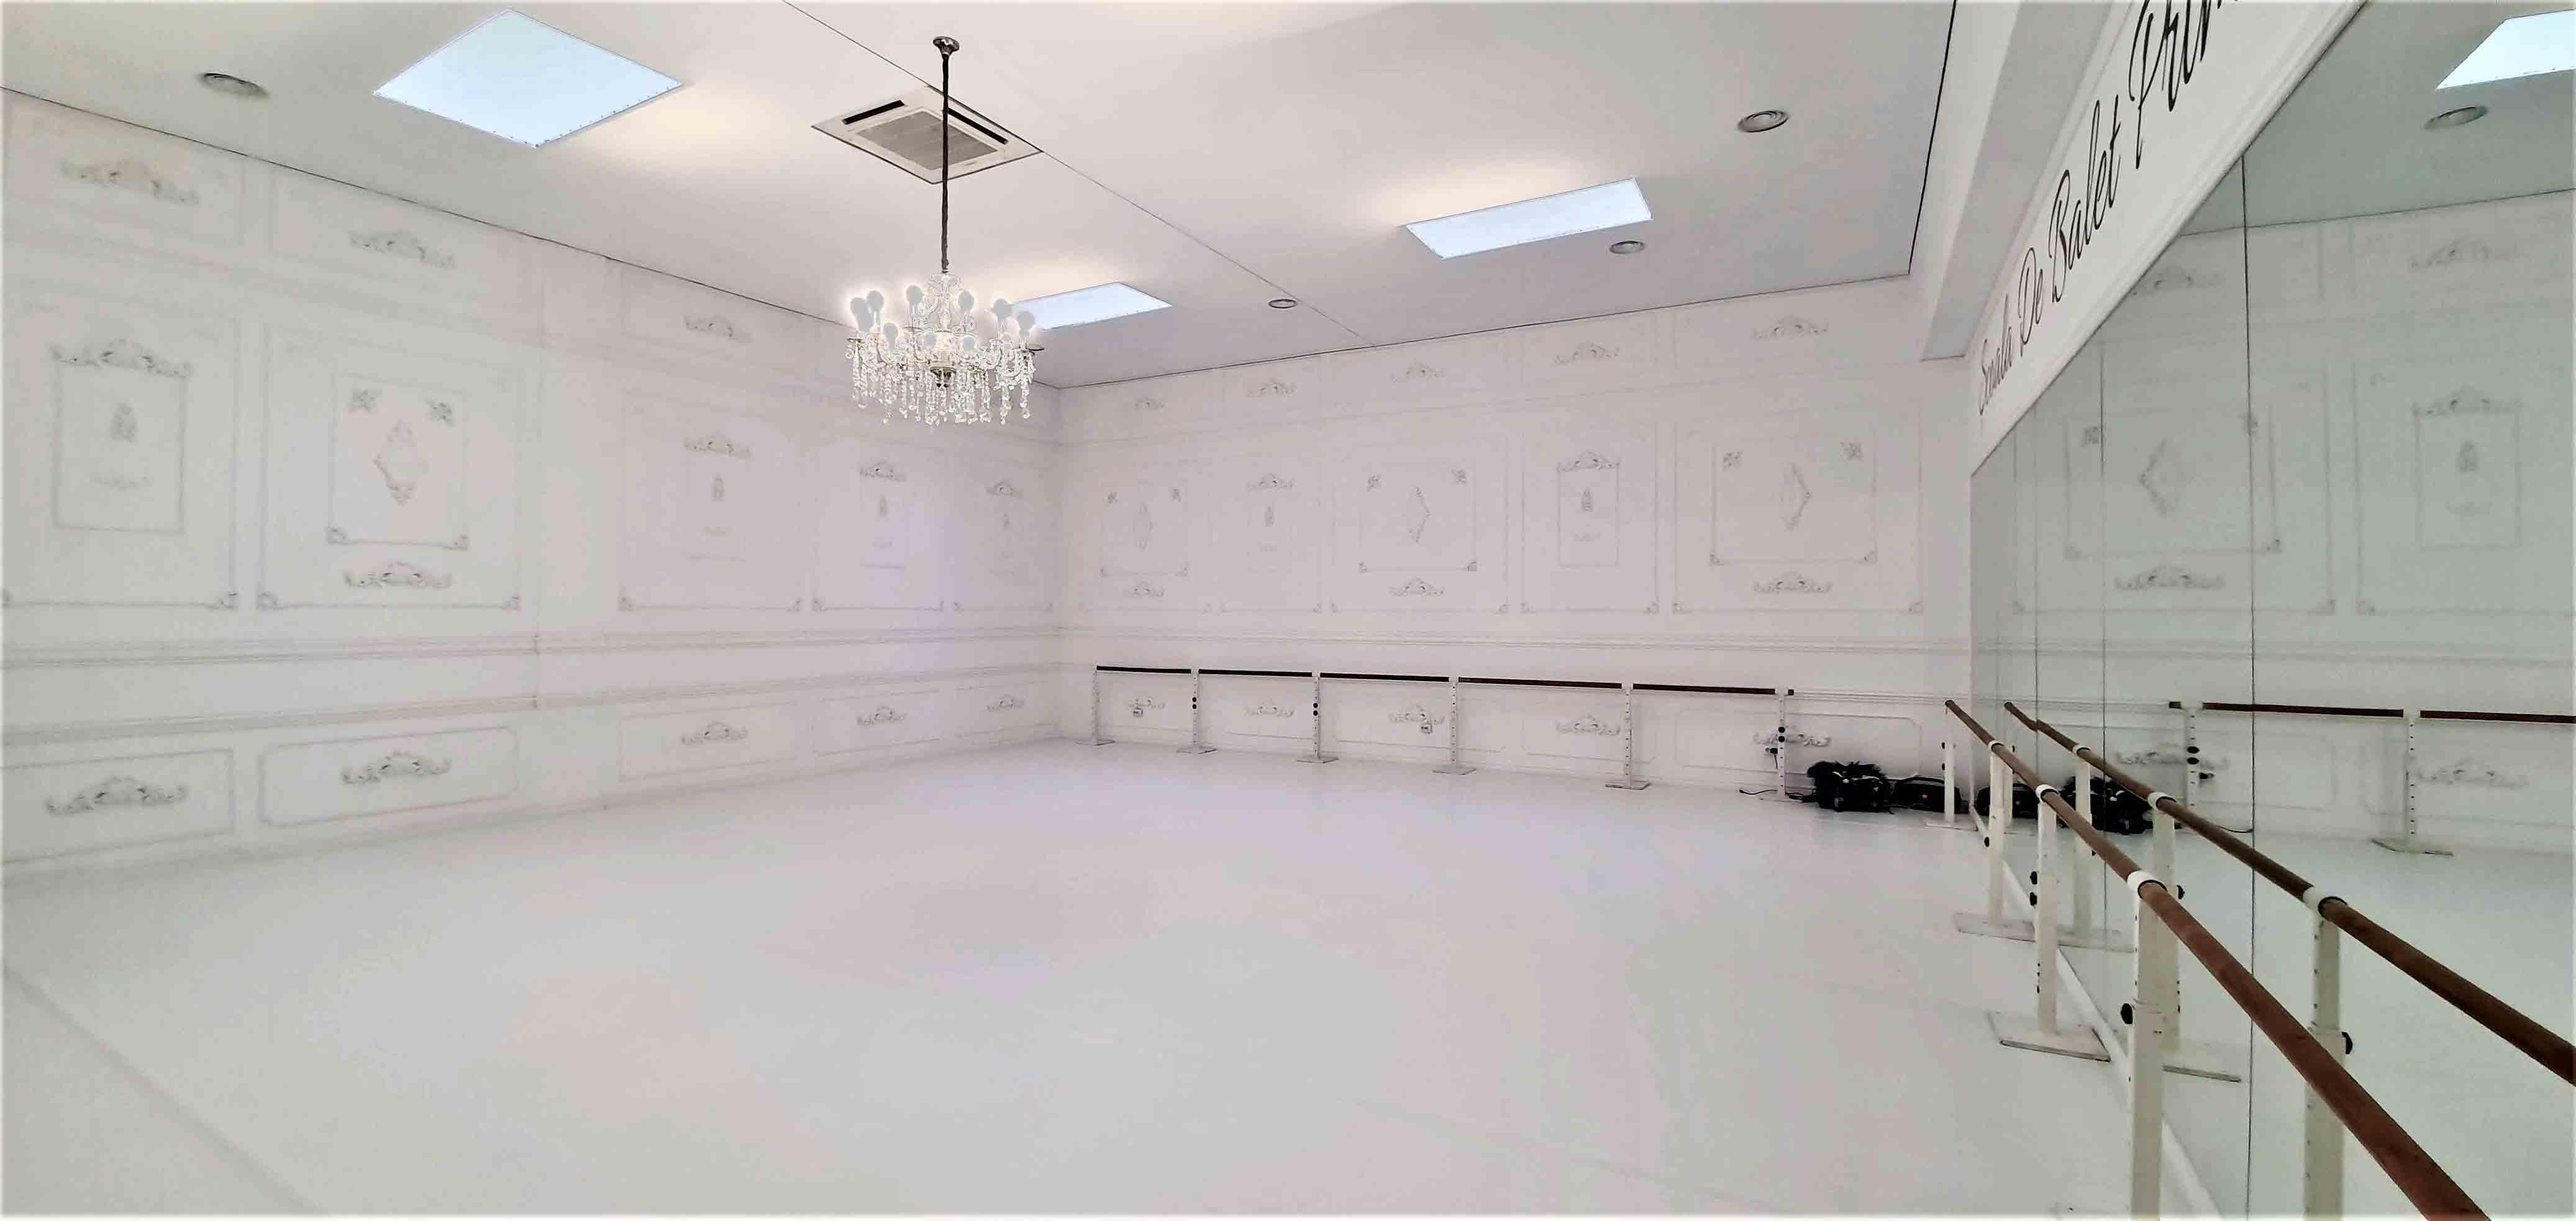 tavan alb sala de balet